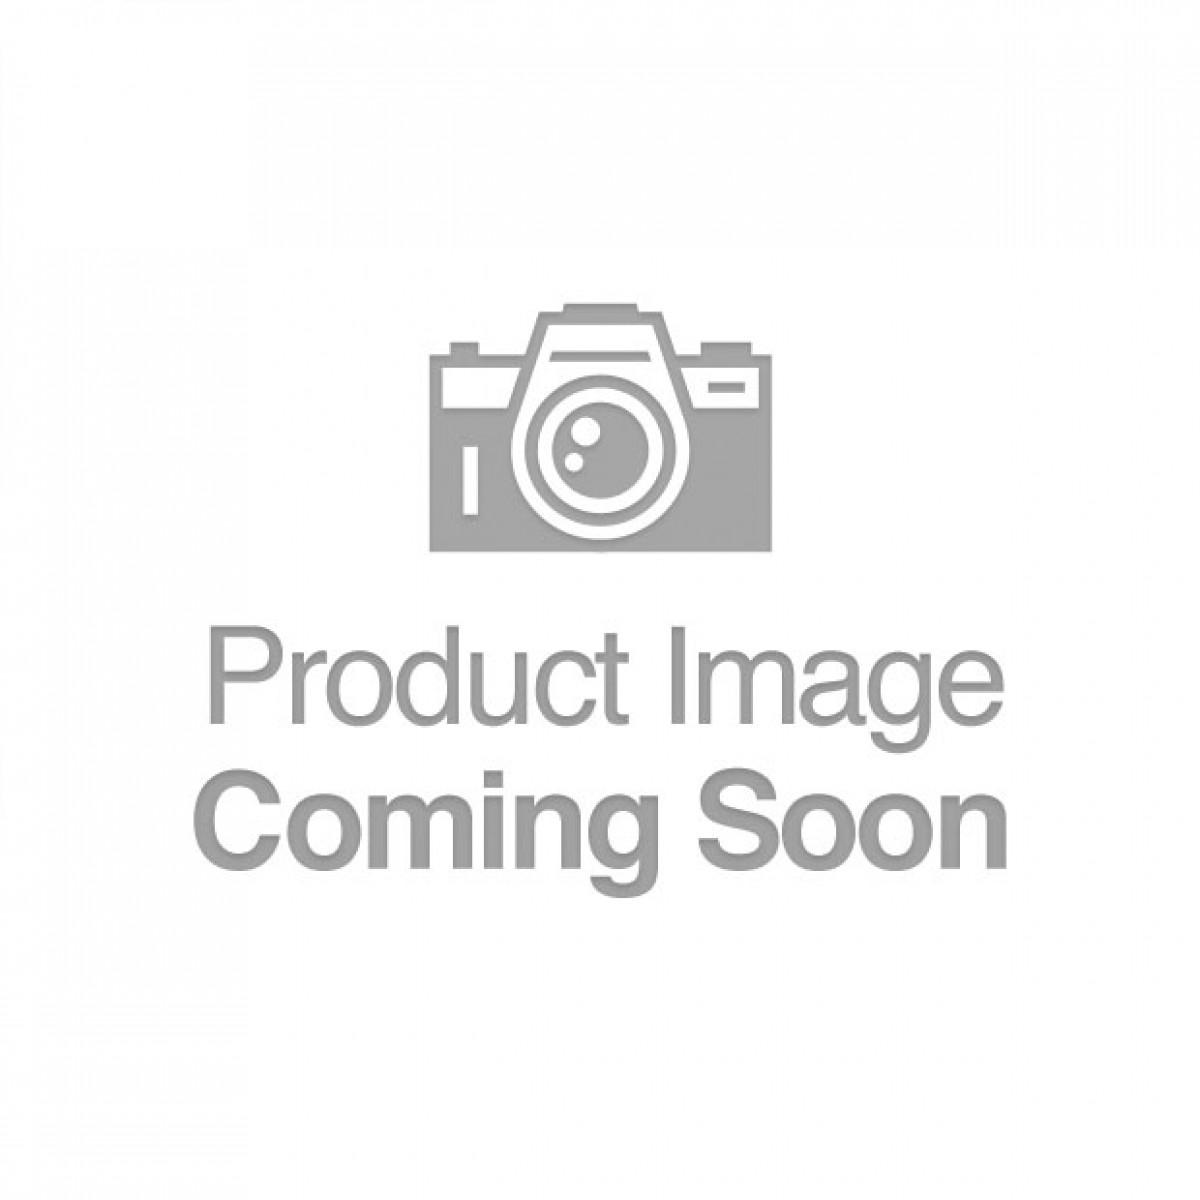 Id Millennium Silicone Lubricant - 8.5 Oz Bottle